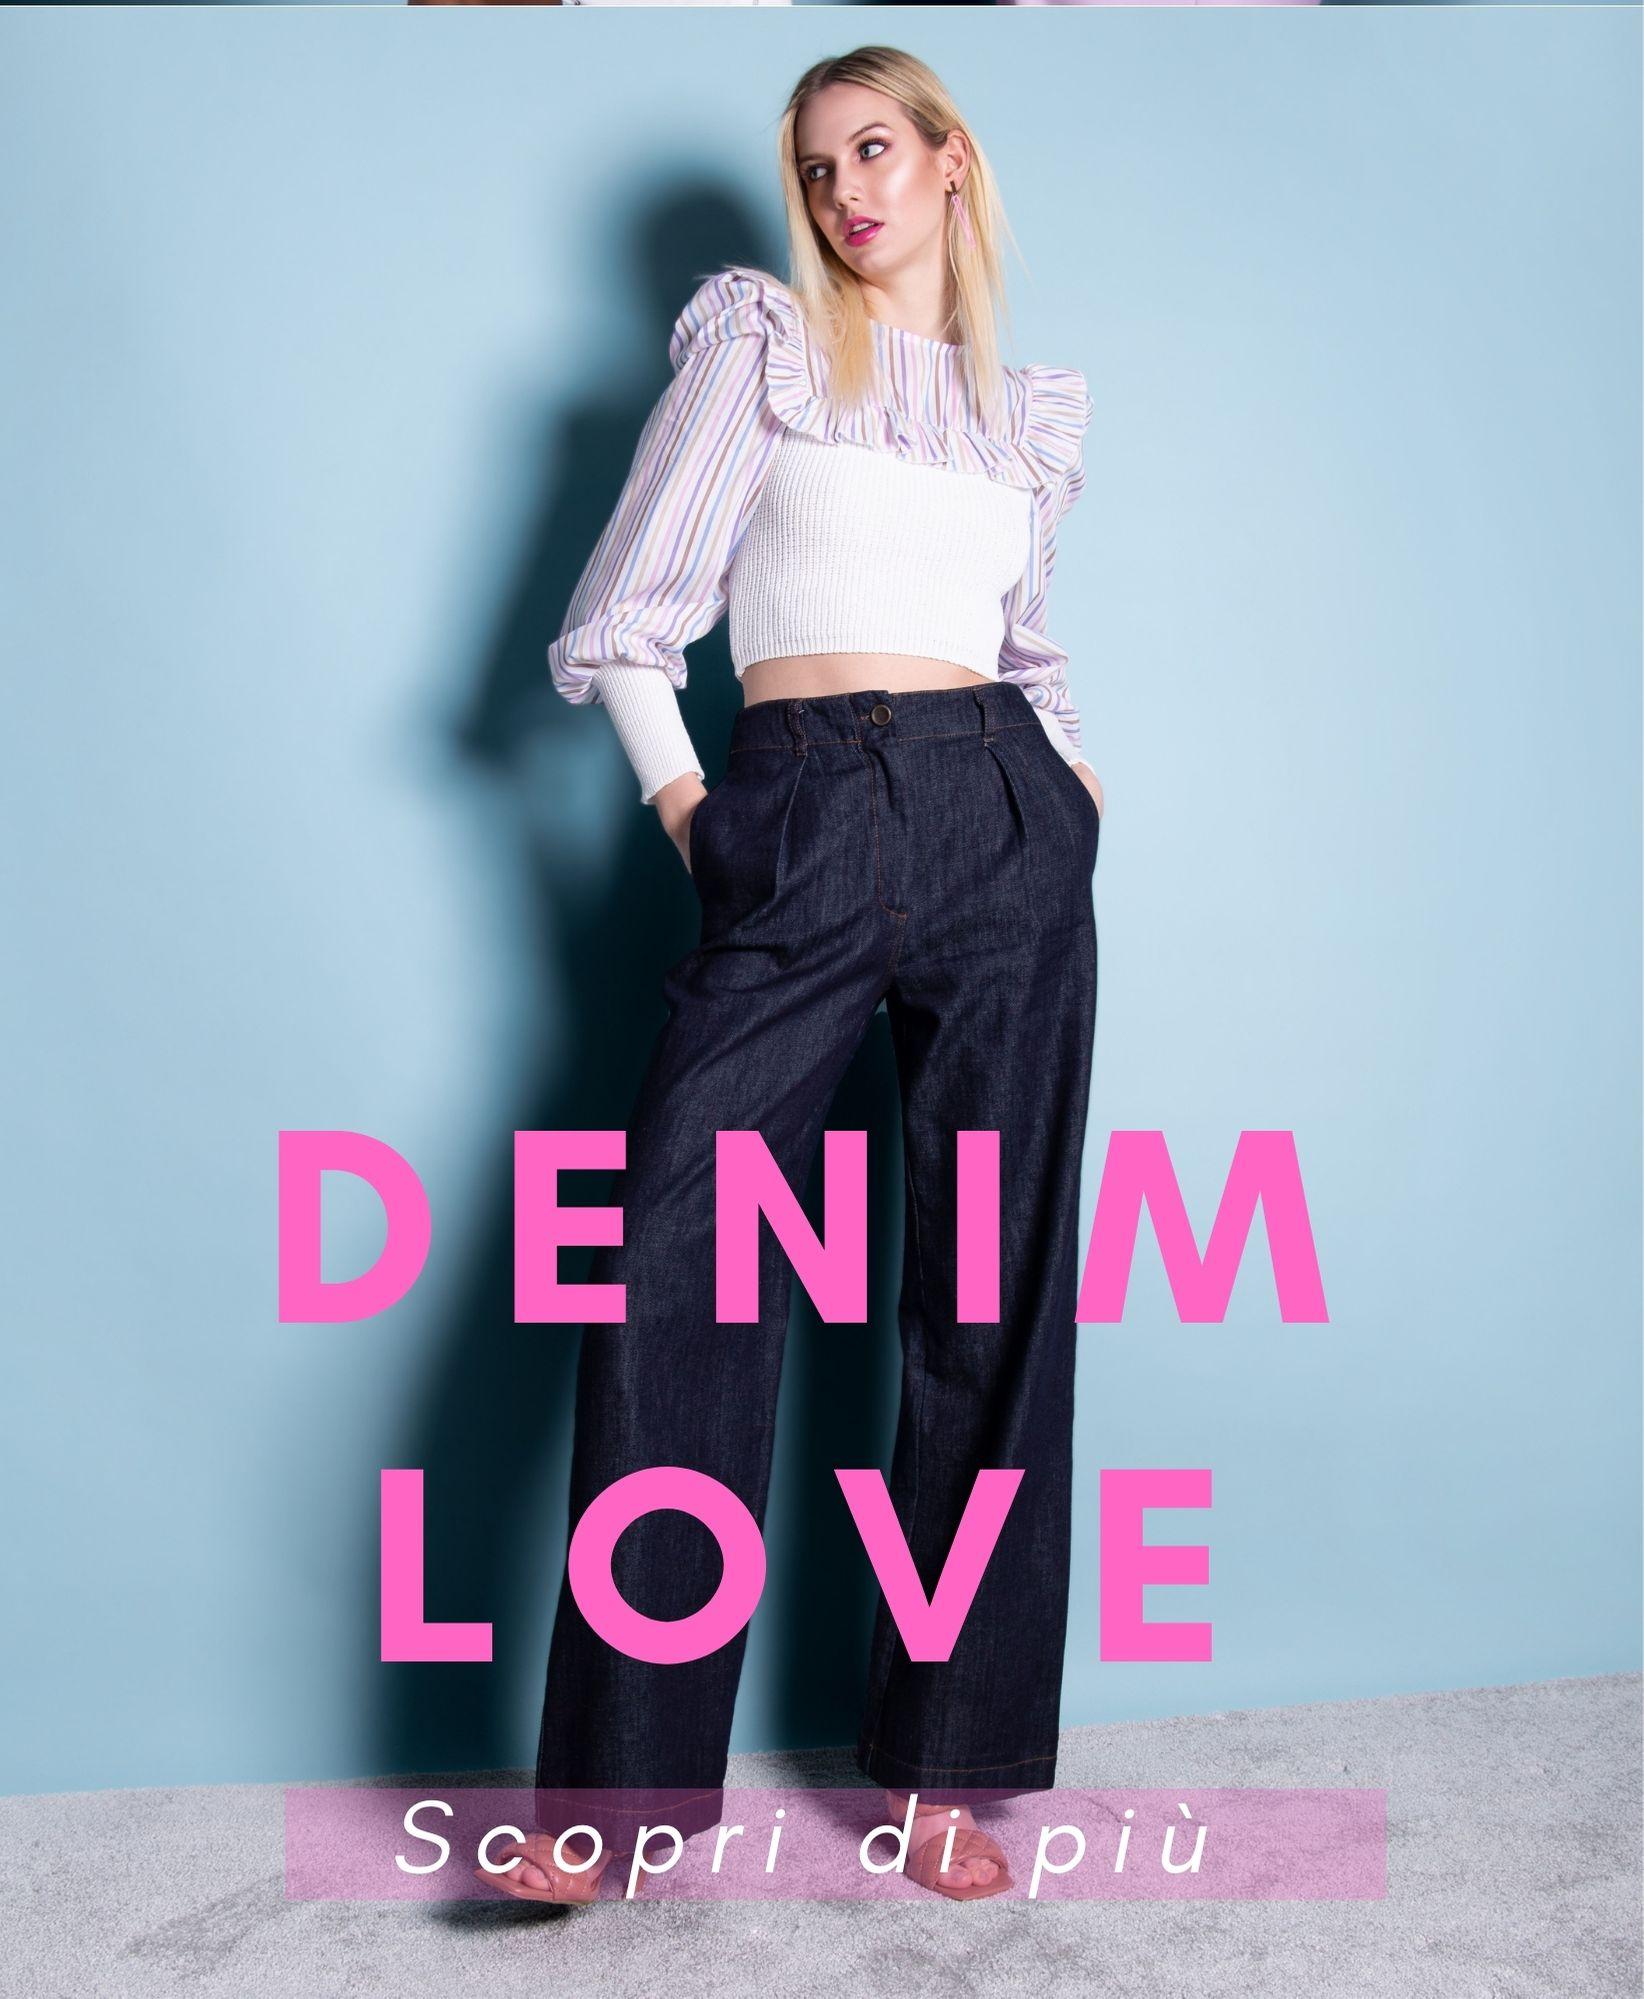 Denim _Jeans_abbigliamento donna Made in Italy